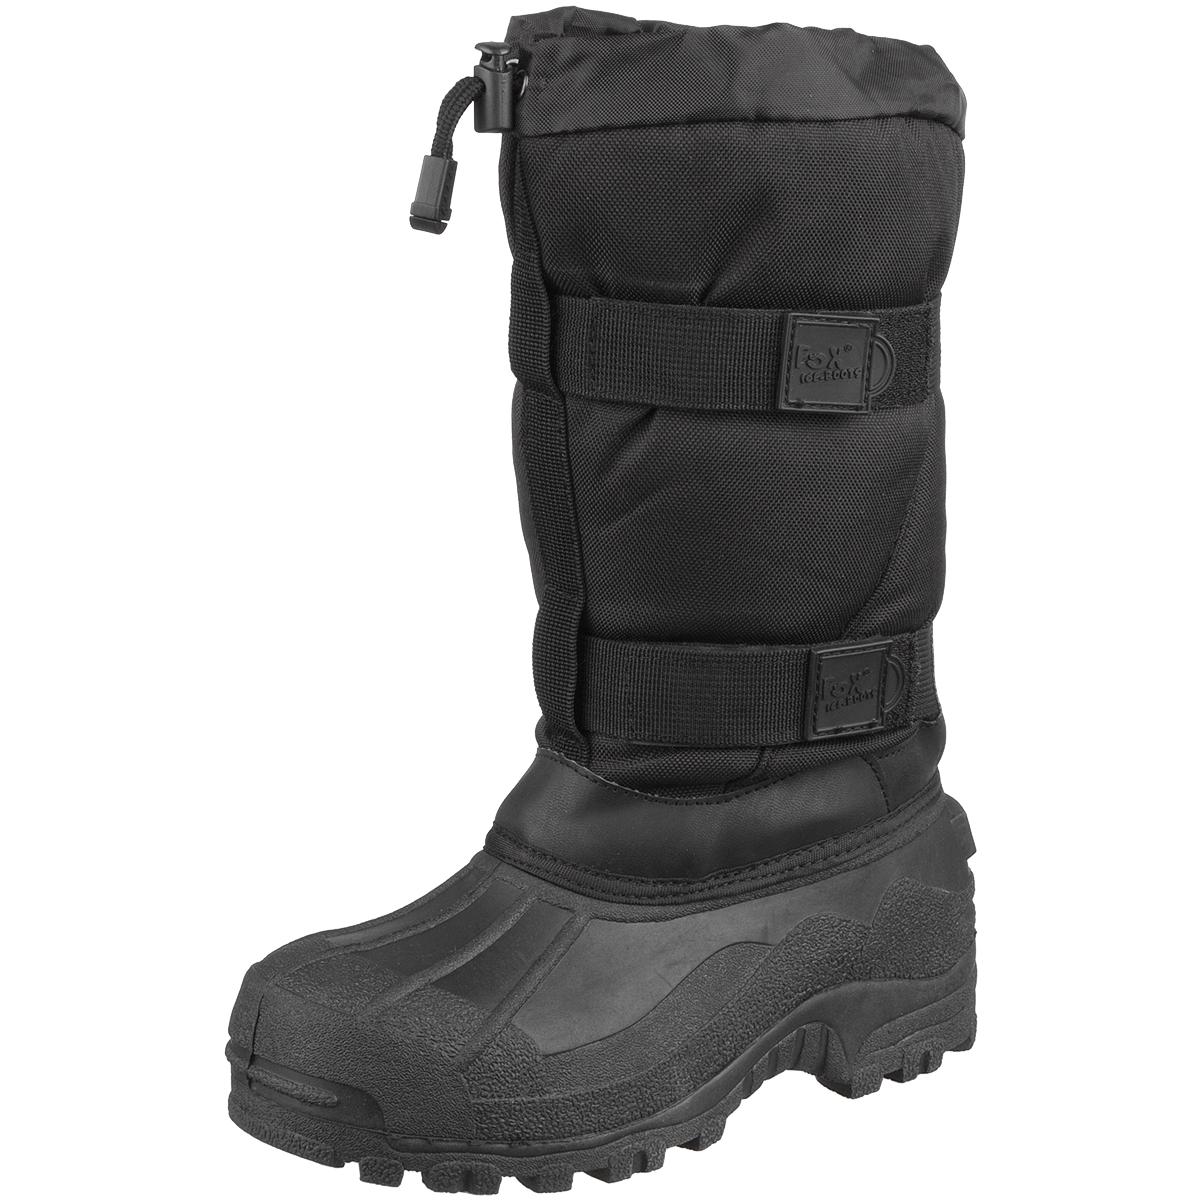 kanadischen winter schnee eis stiefel nass extreme k lte schutz schwarz uk 3 13 ebay. Black Bedroom Furniture Sets. Home Design Ideas